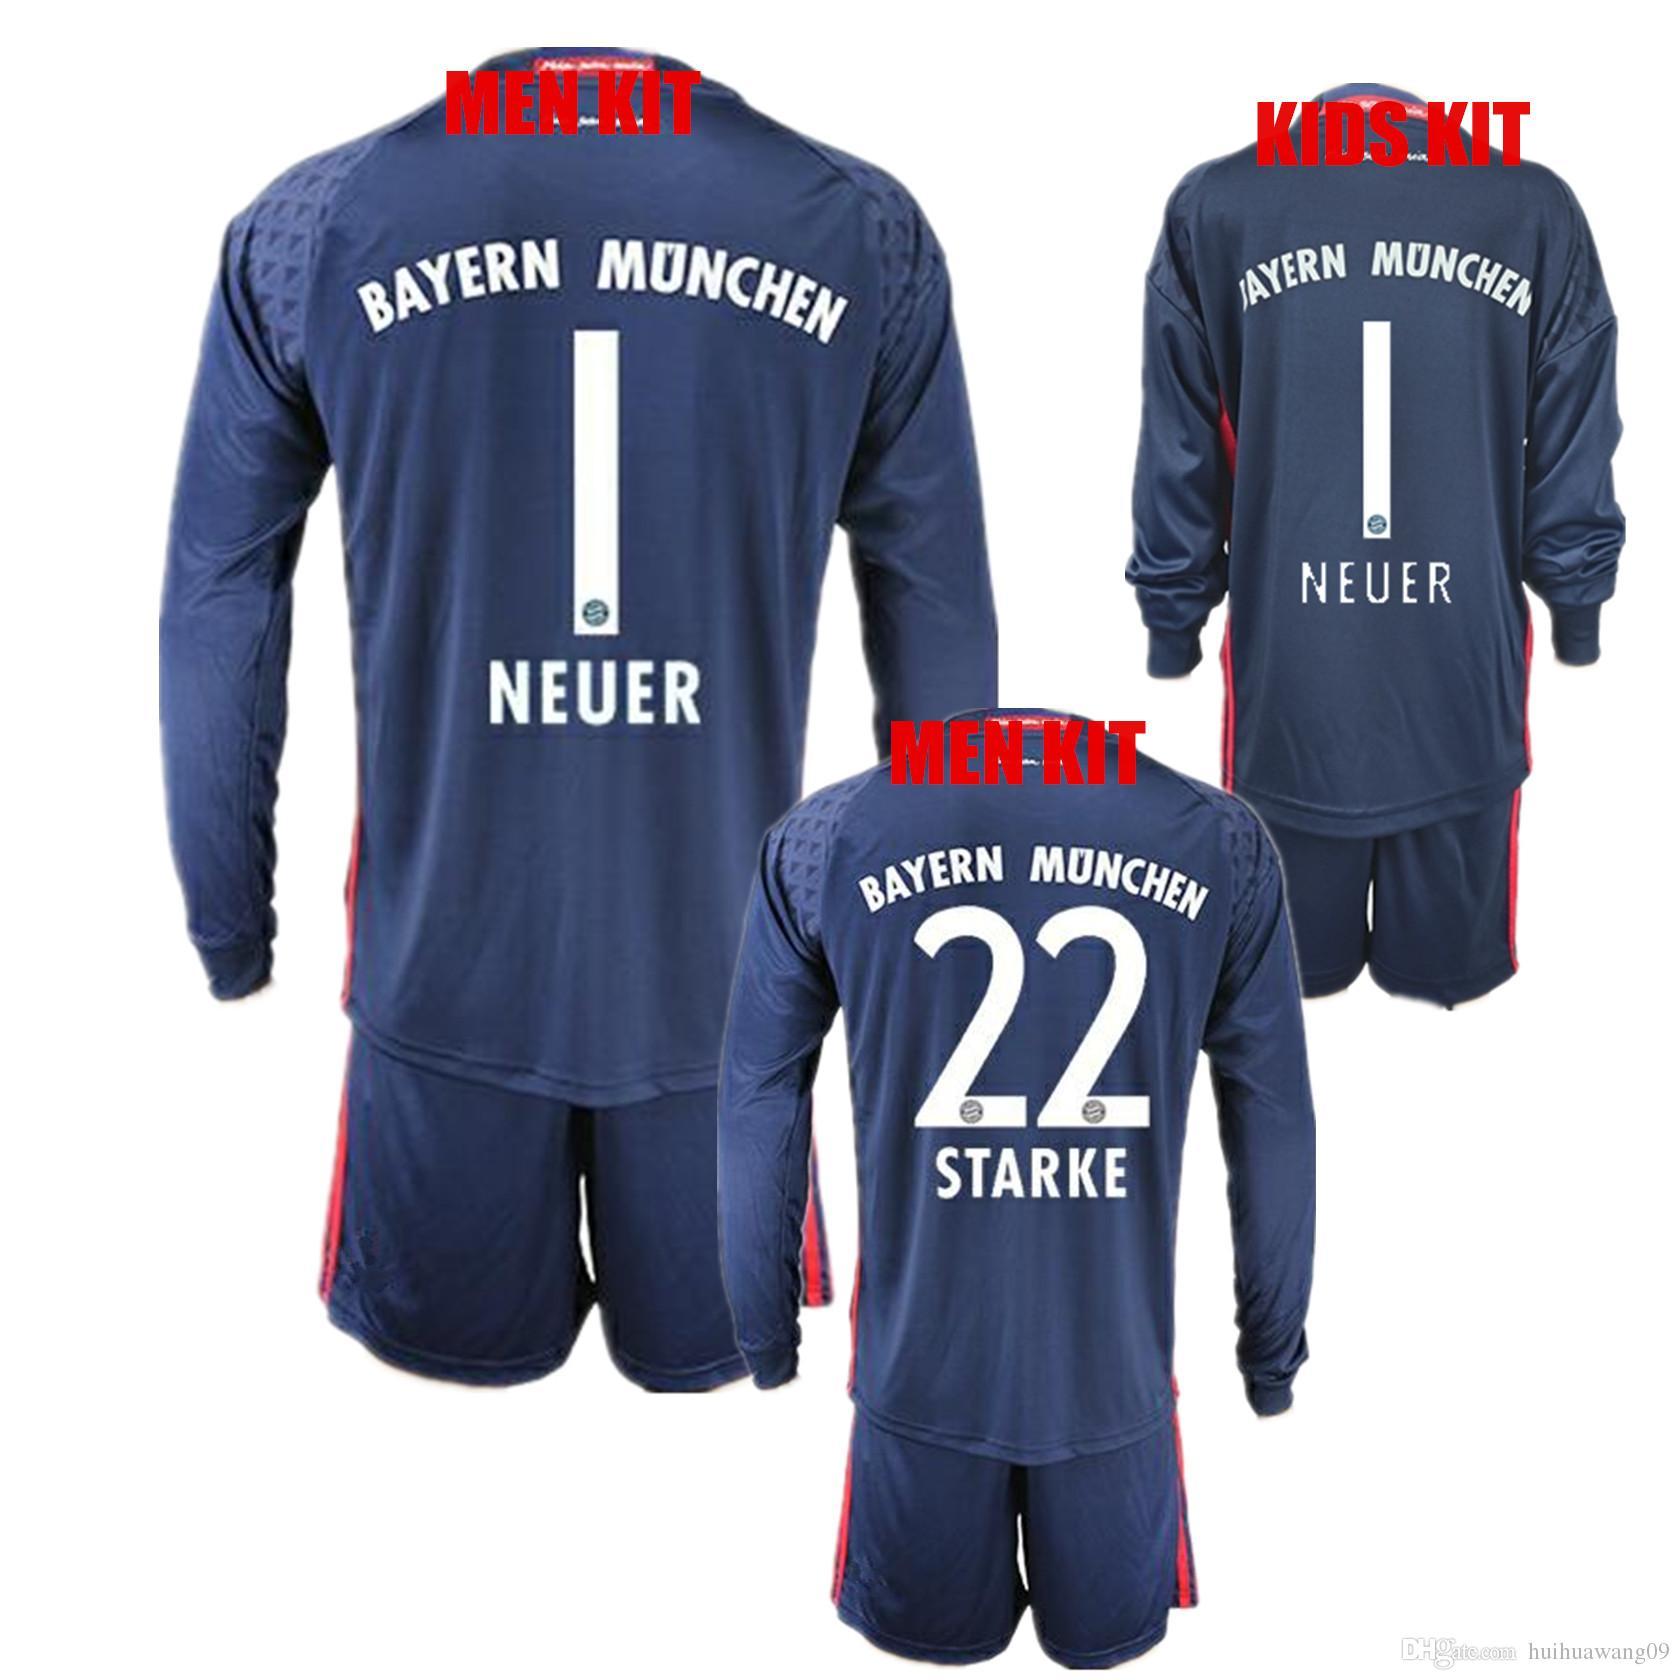 639a8a1d321 ... 2016 17 Kids Long Sleeve NEUER Goalkeeper Jersey Kit Blue Youth Soccer  Set 1 Manuel Neuer ...